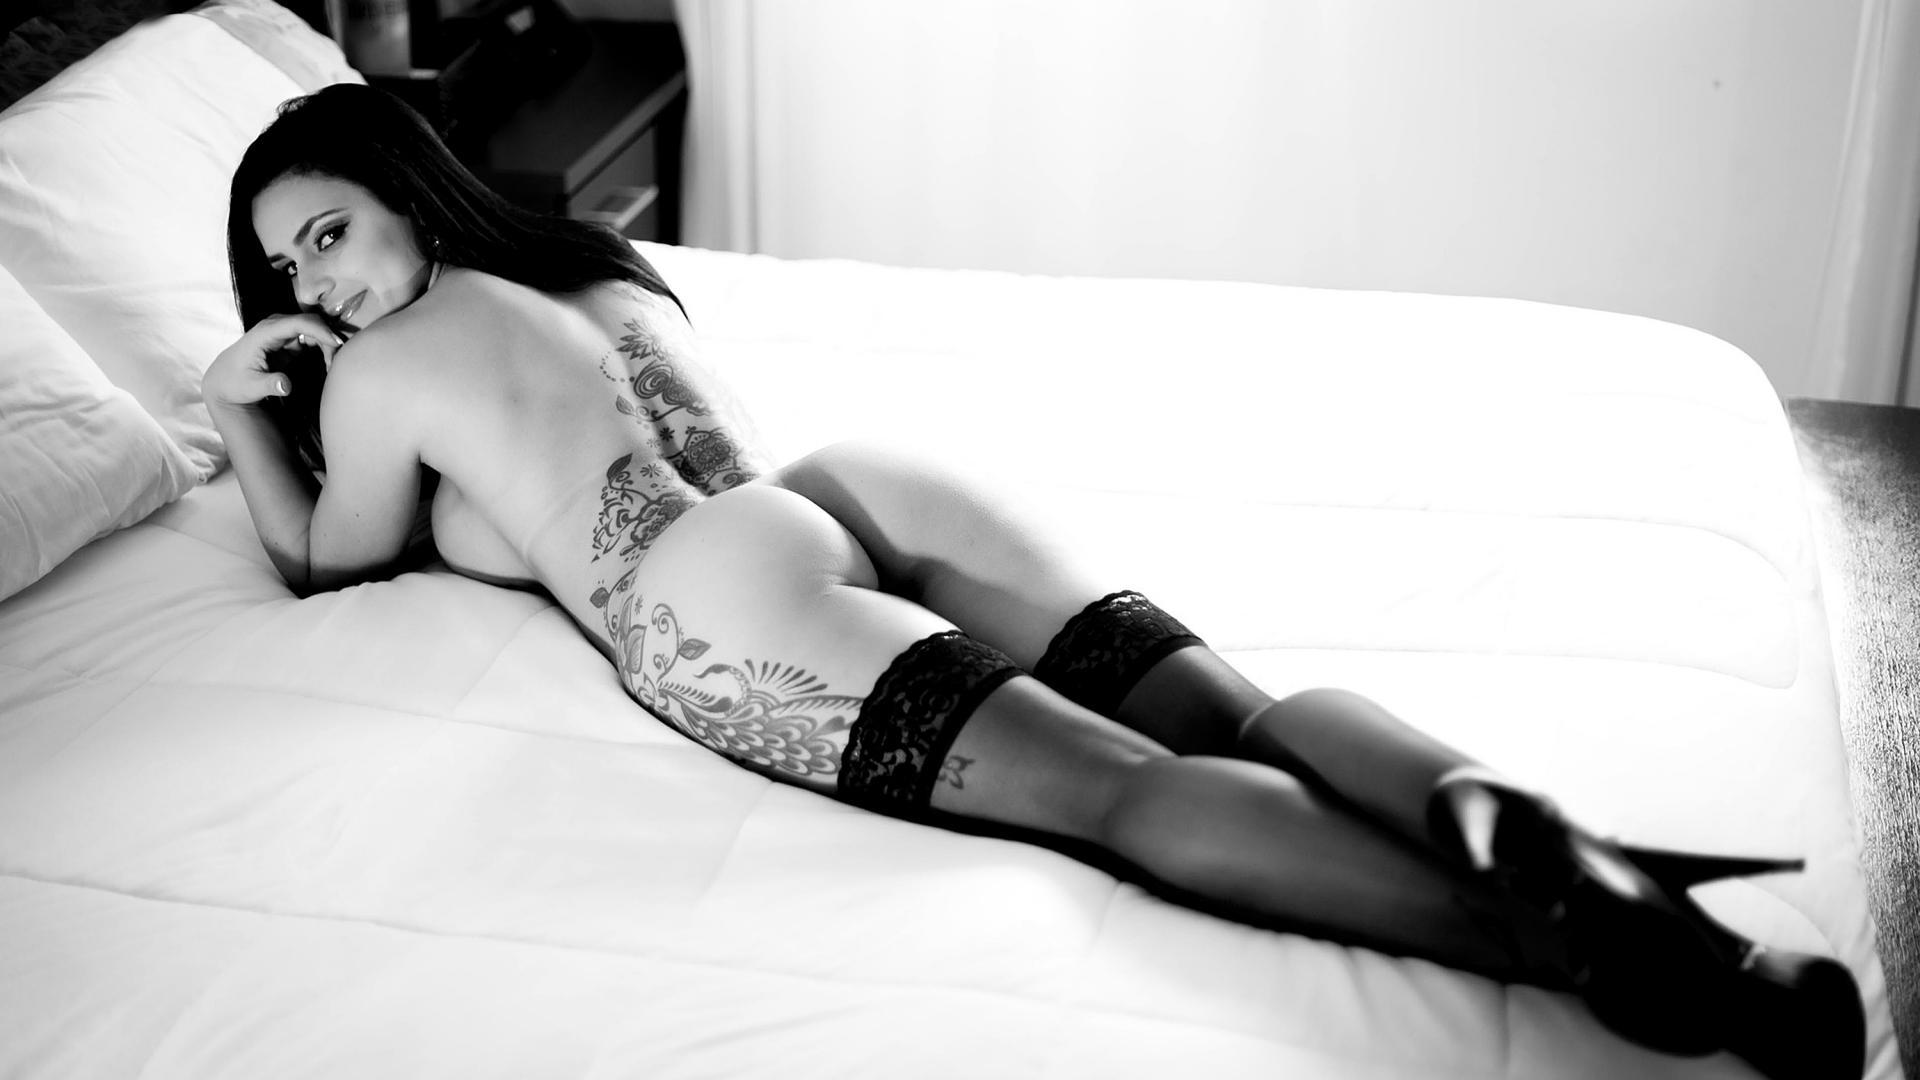 Girls punished nude photo